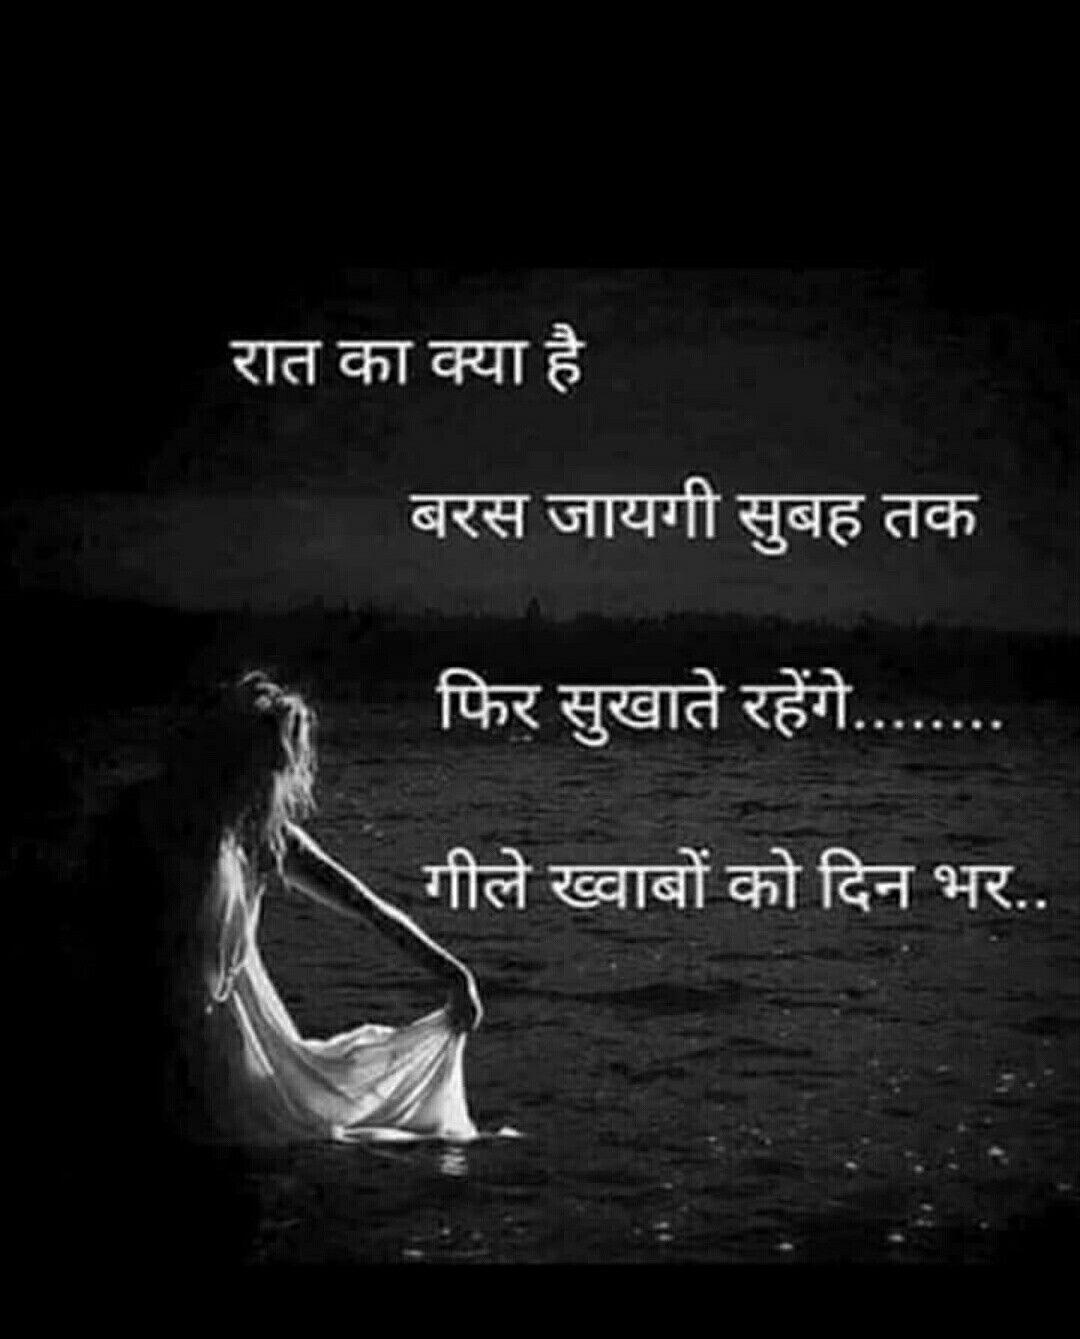 Pin by vijay on Angels   Hindi quotes, People quotes, Hindi